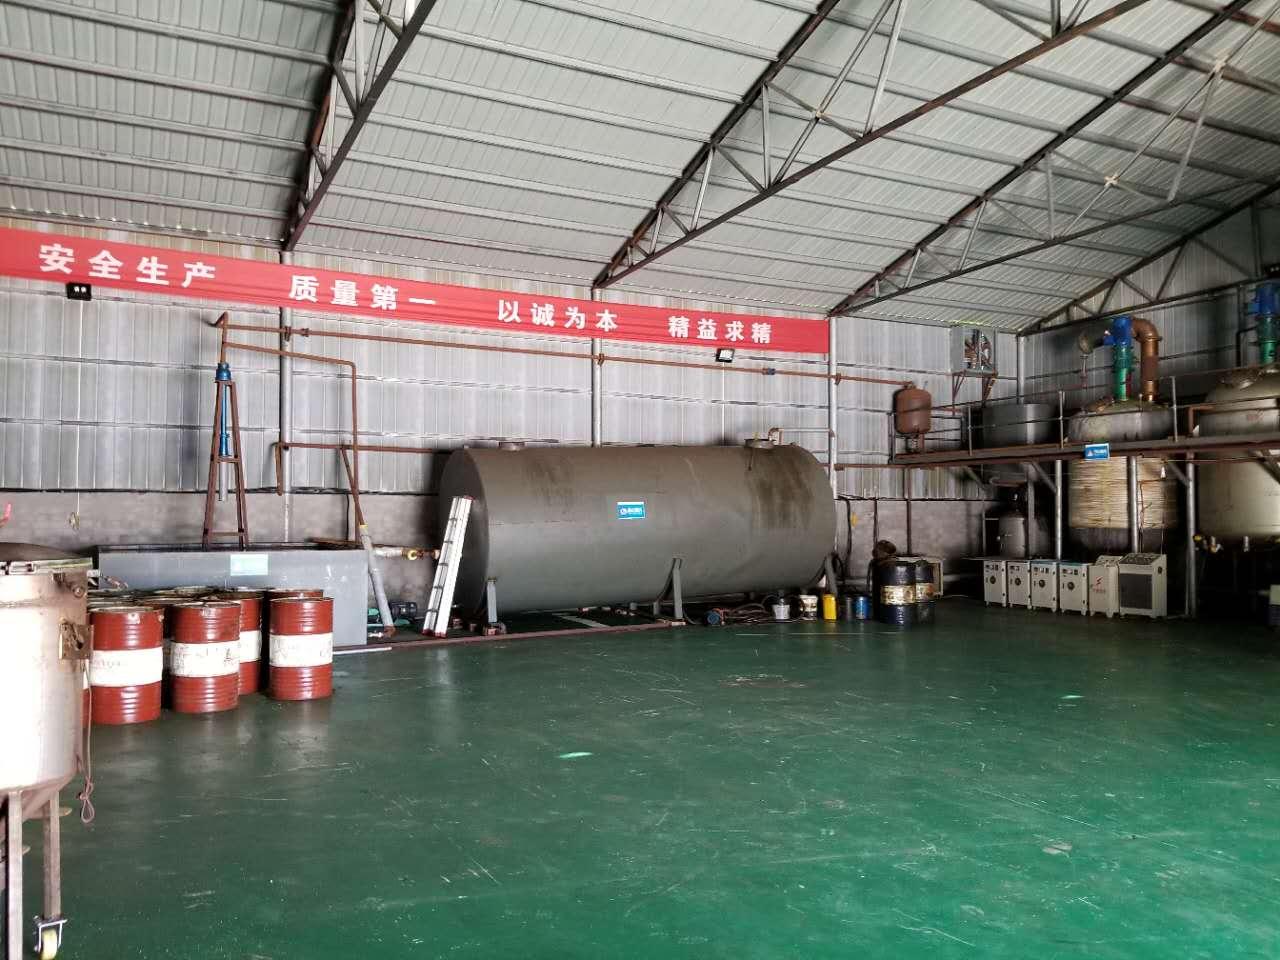 供應綠色環保廢機油提煉基礎油柴油設備